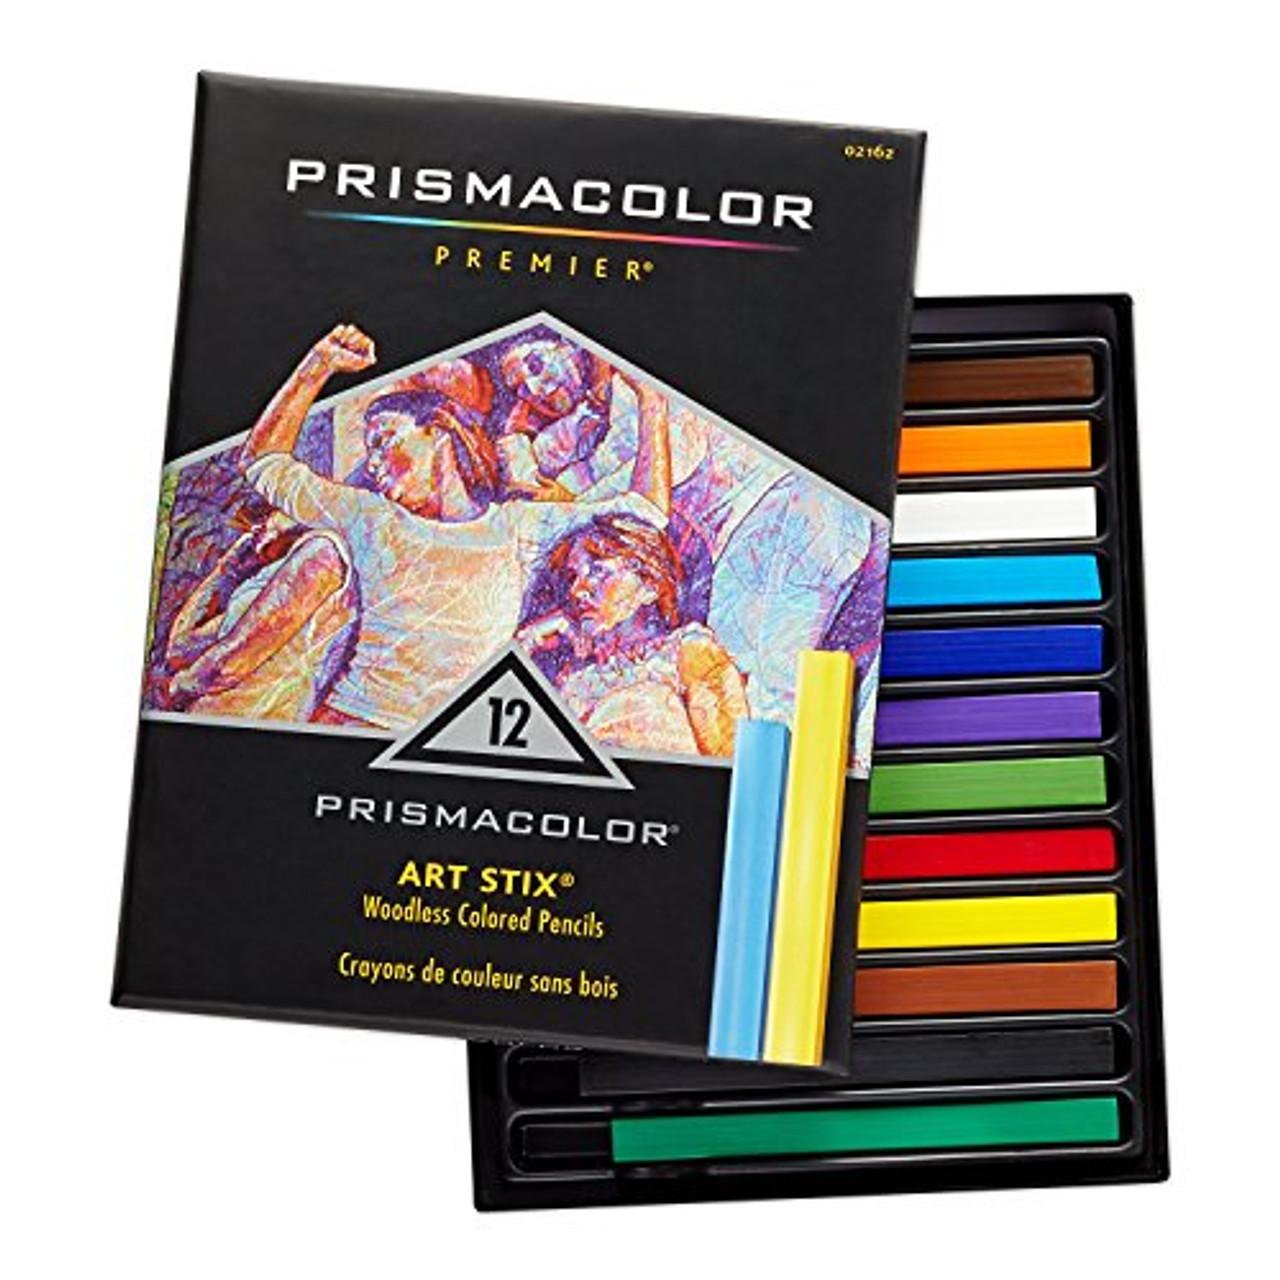 Prismacolor Art Stix 12pc Set